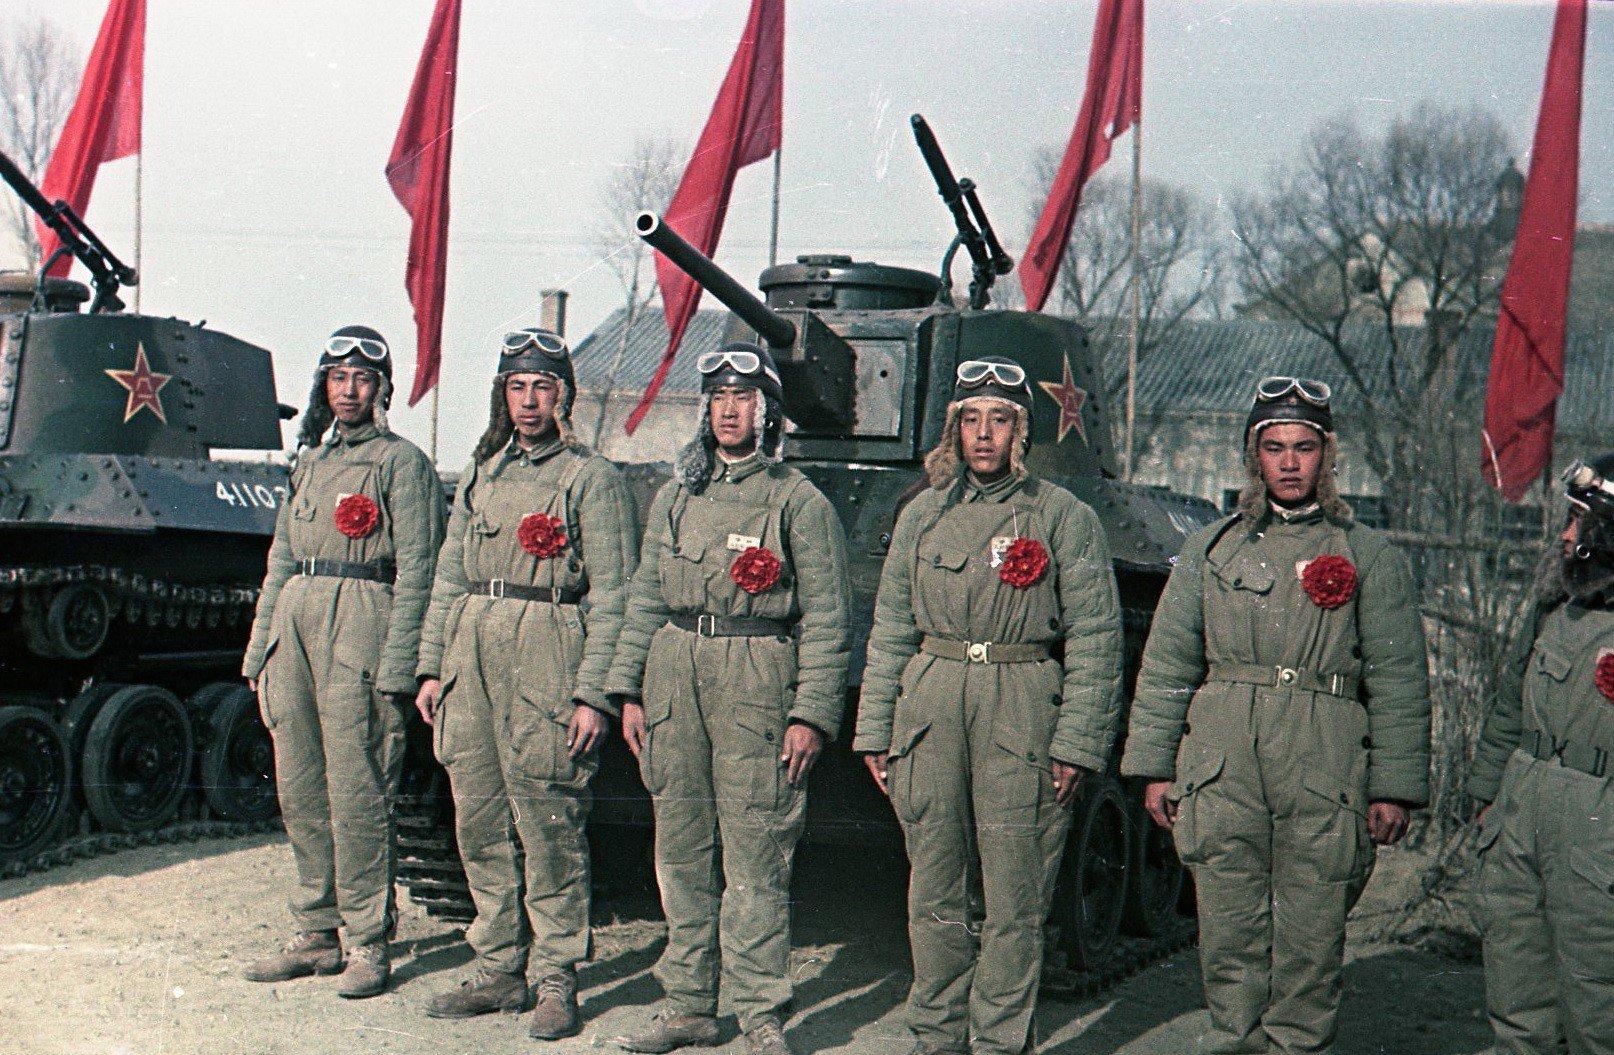 1949. Танкисты Народно-освободительной армии Китая (НОА). 21.12